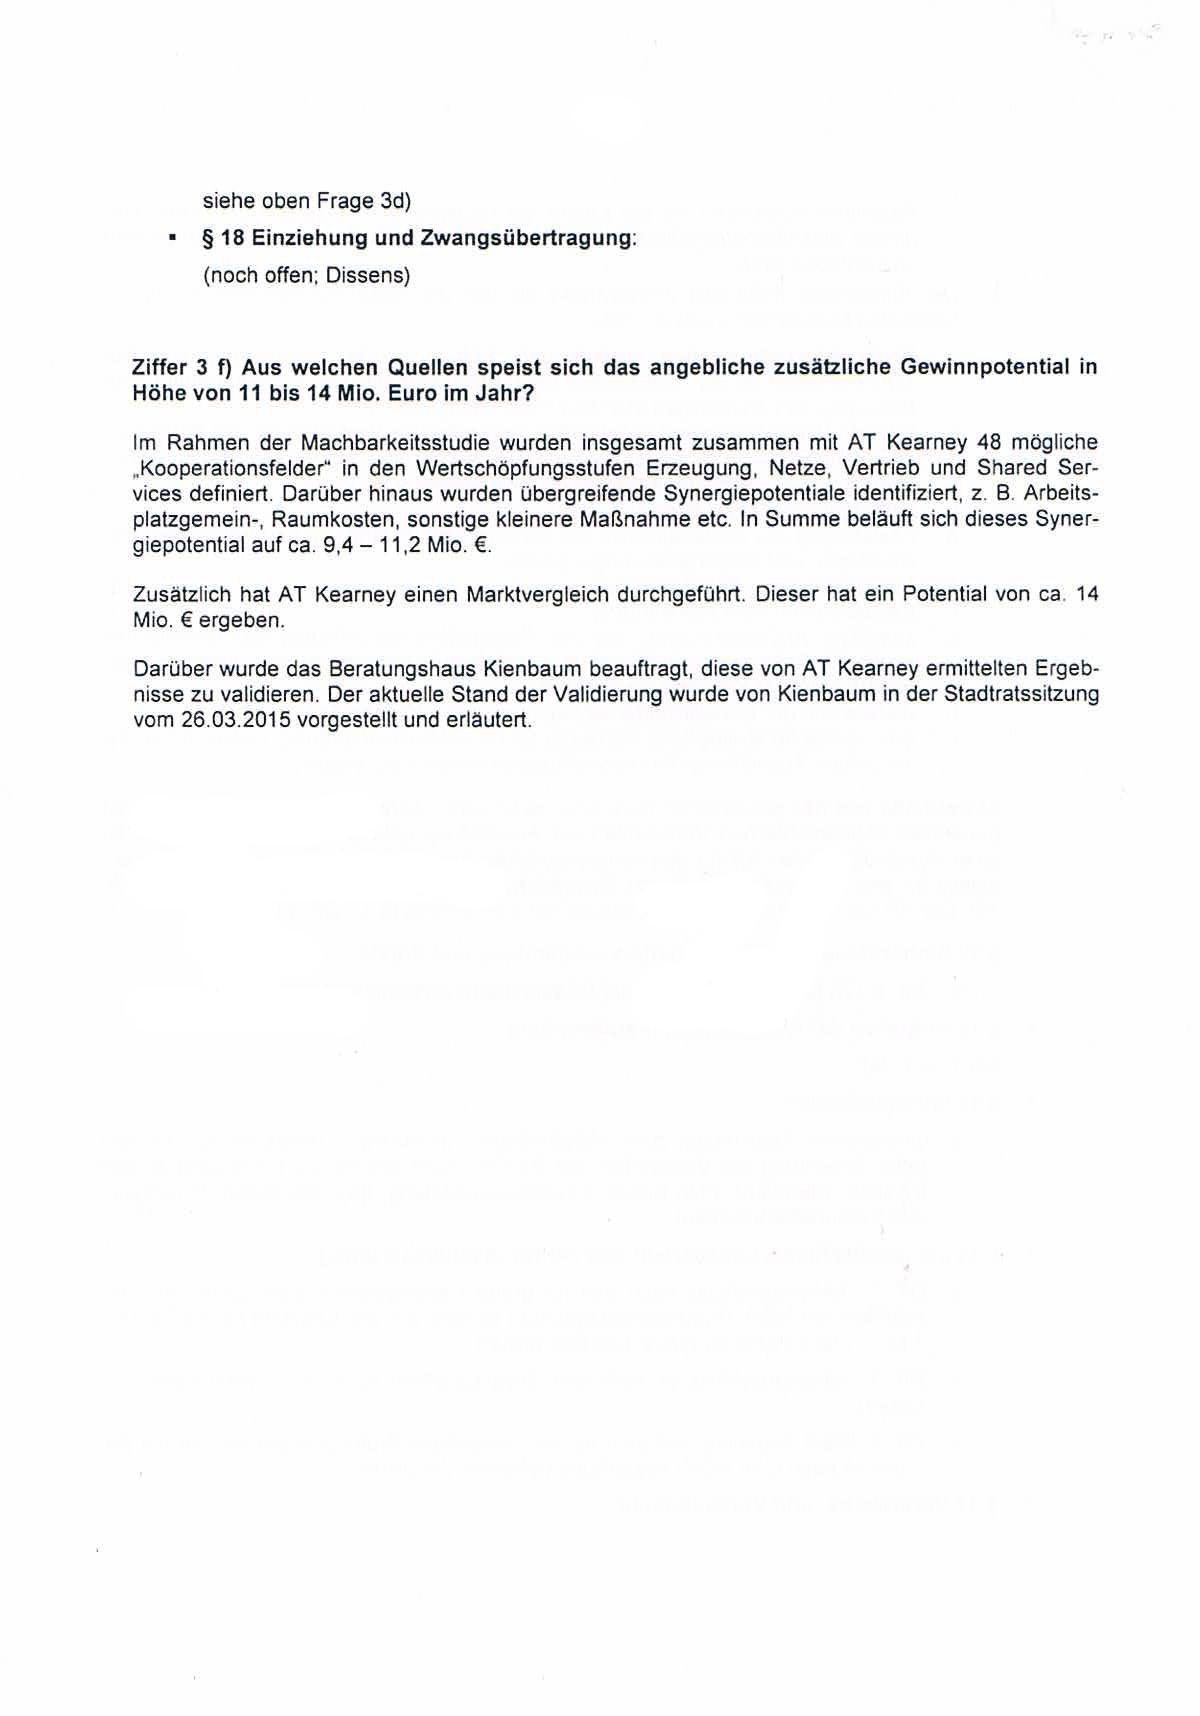 swa-Antwortschreiben vom 14.04.2015, Seite 6 - geweißt